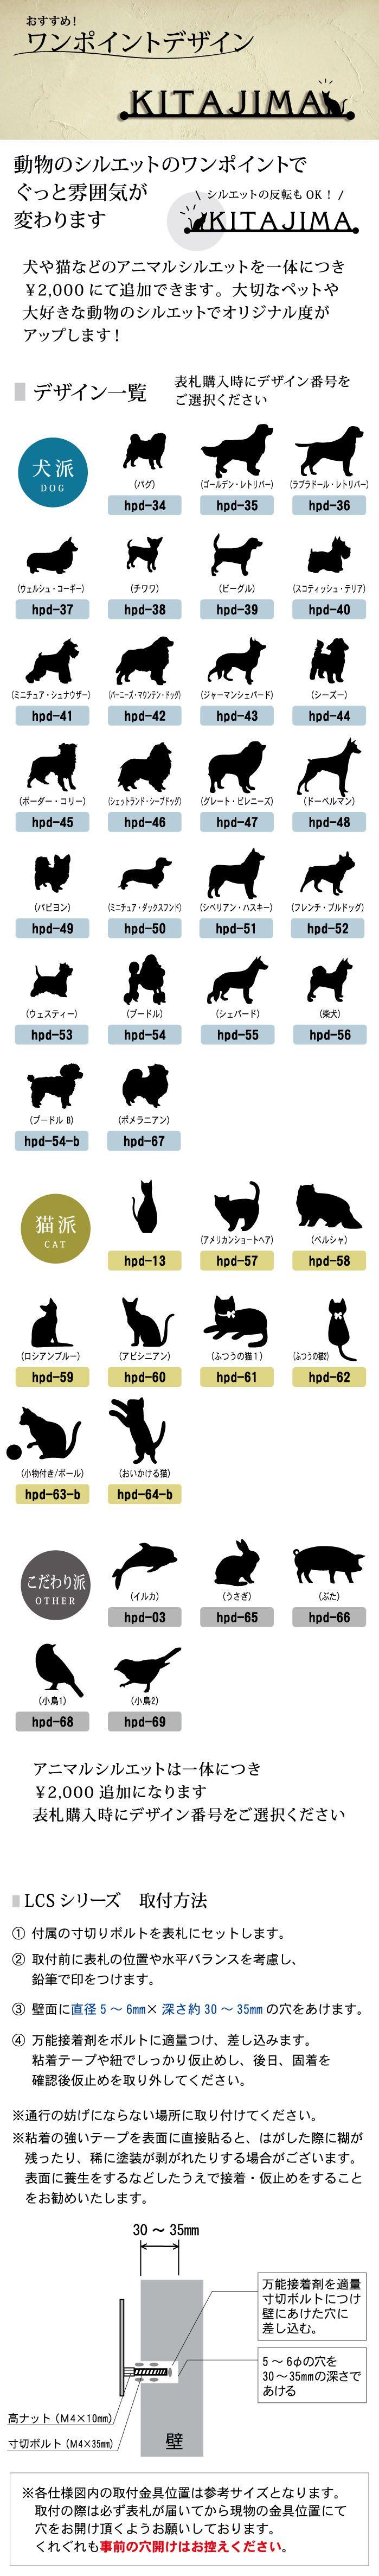 【当店人気NO1】ナチュラル感がおしゃれなステンレス表札です。表札 ステンレス【まるでカフェ看板・おしゃれな切り文字】猫・犬プラス可 戸建 ステンレス表札 アイアン風 アルファベット 玄関  英語 お